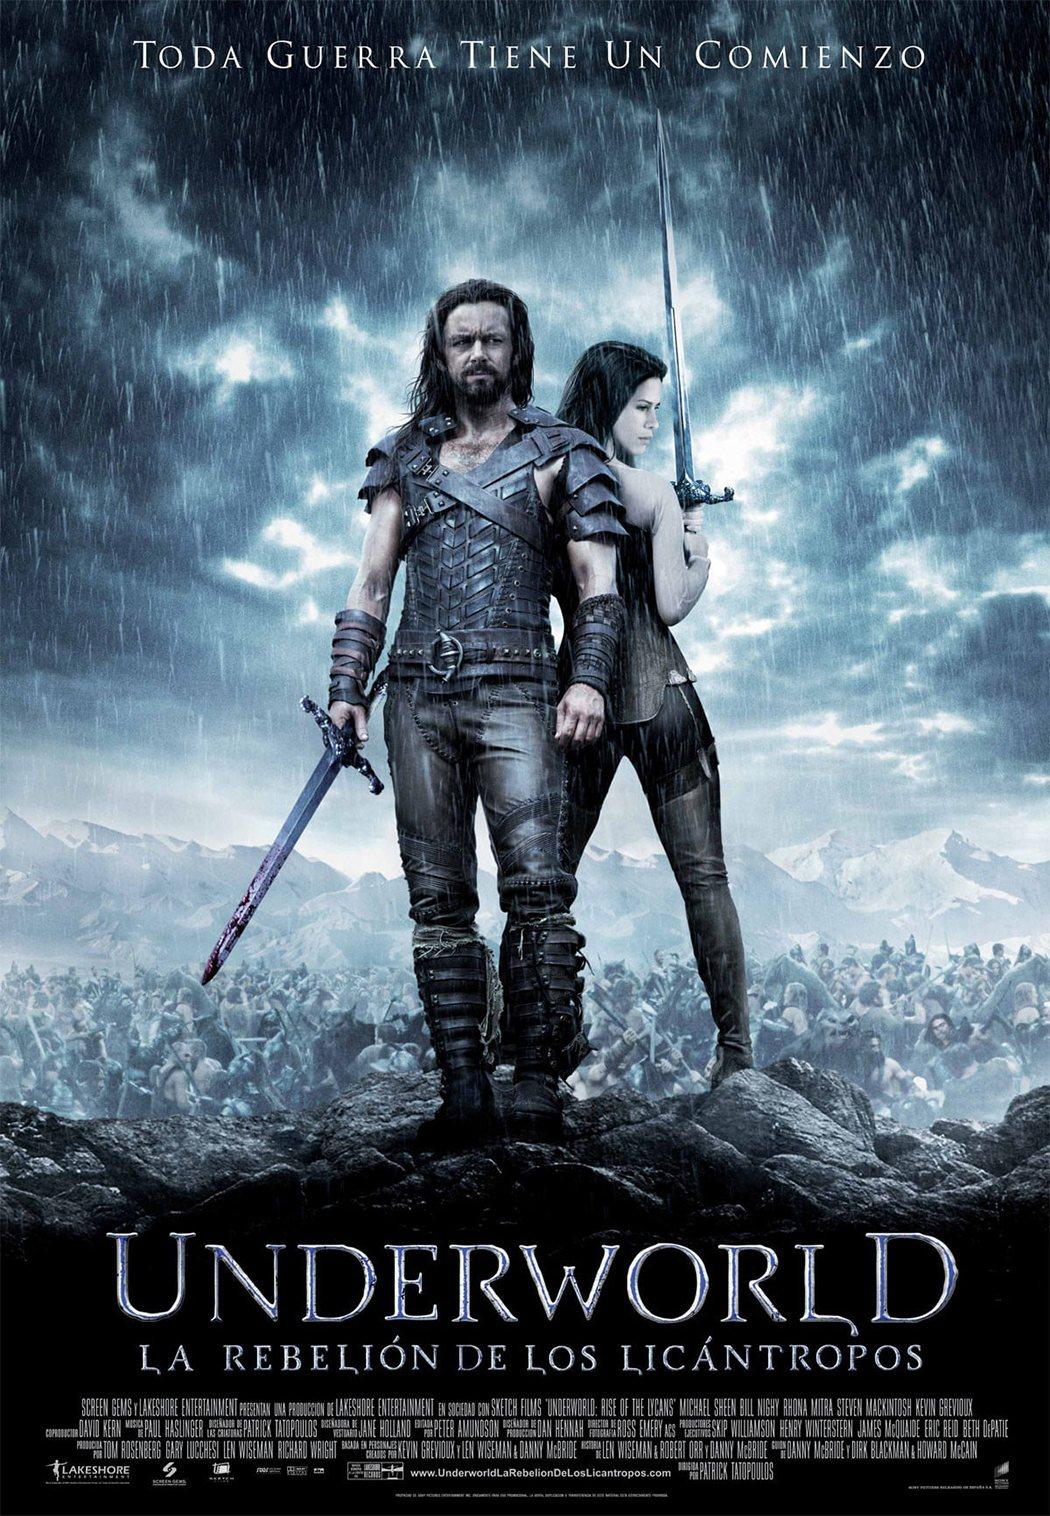 'Underworld: La rebelión de los licántropos'